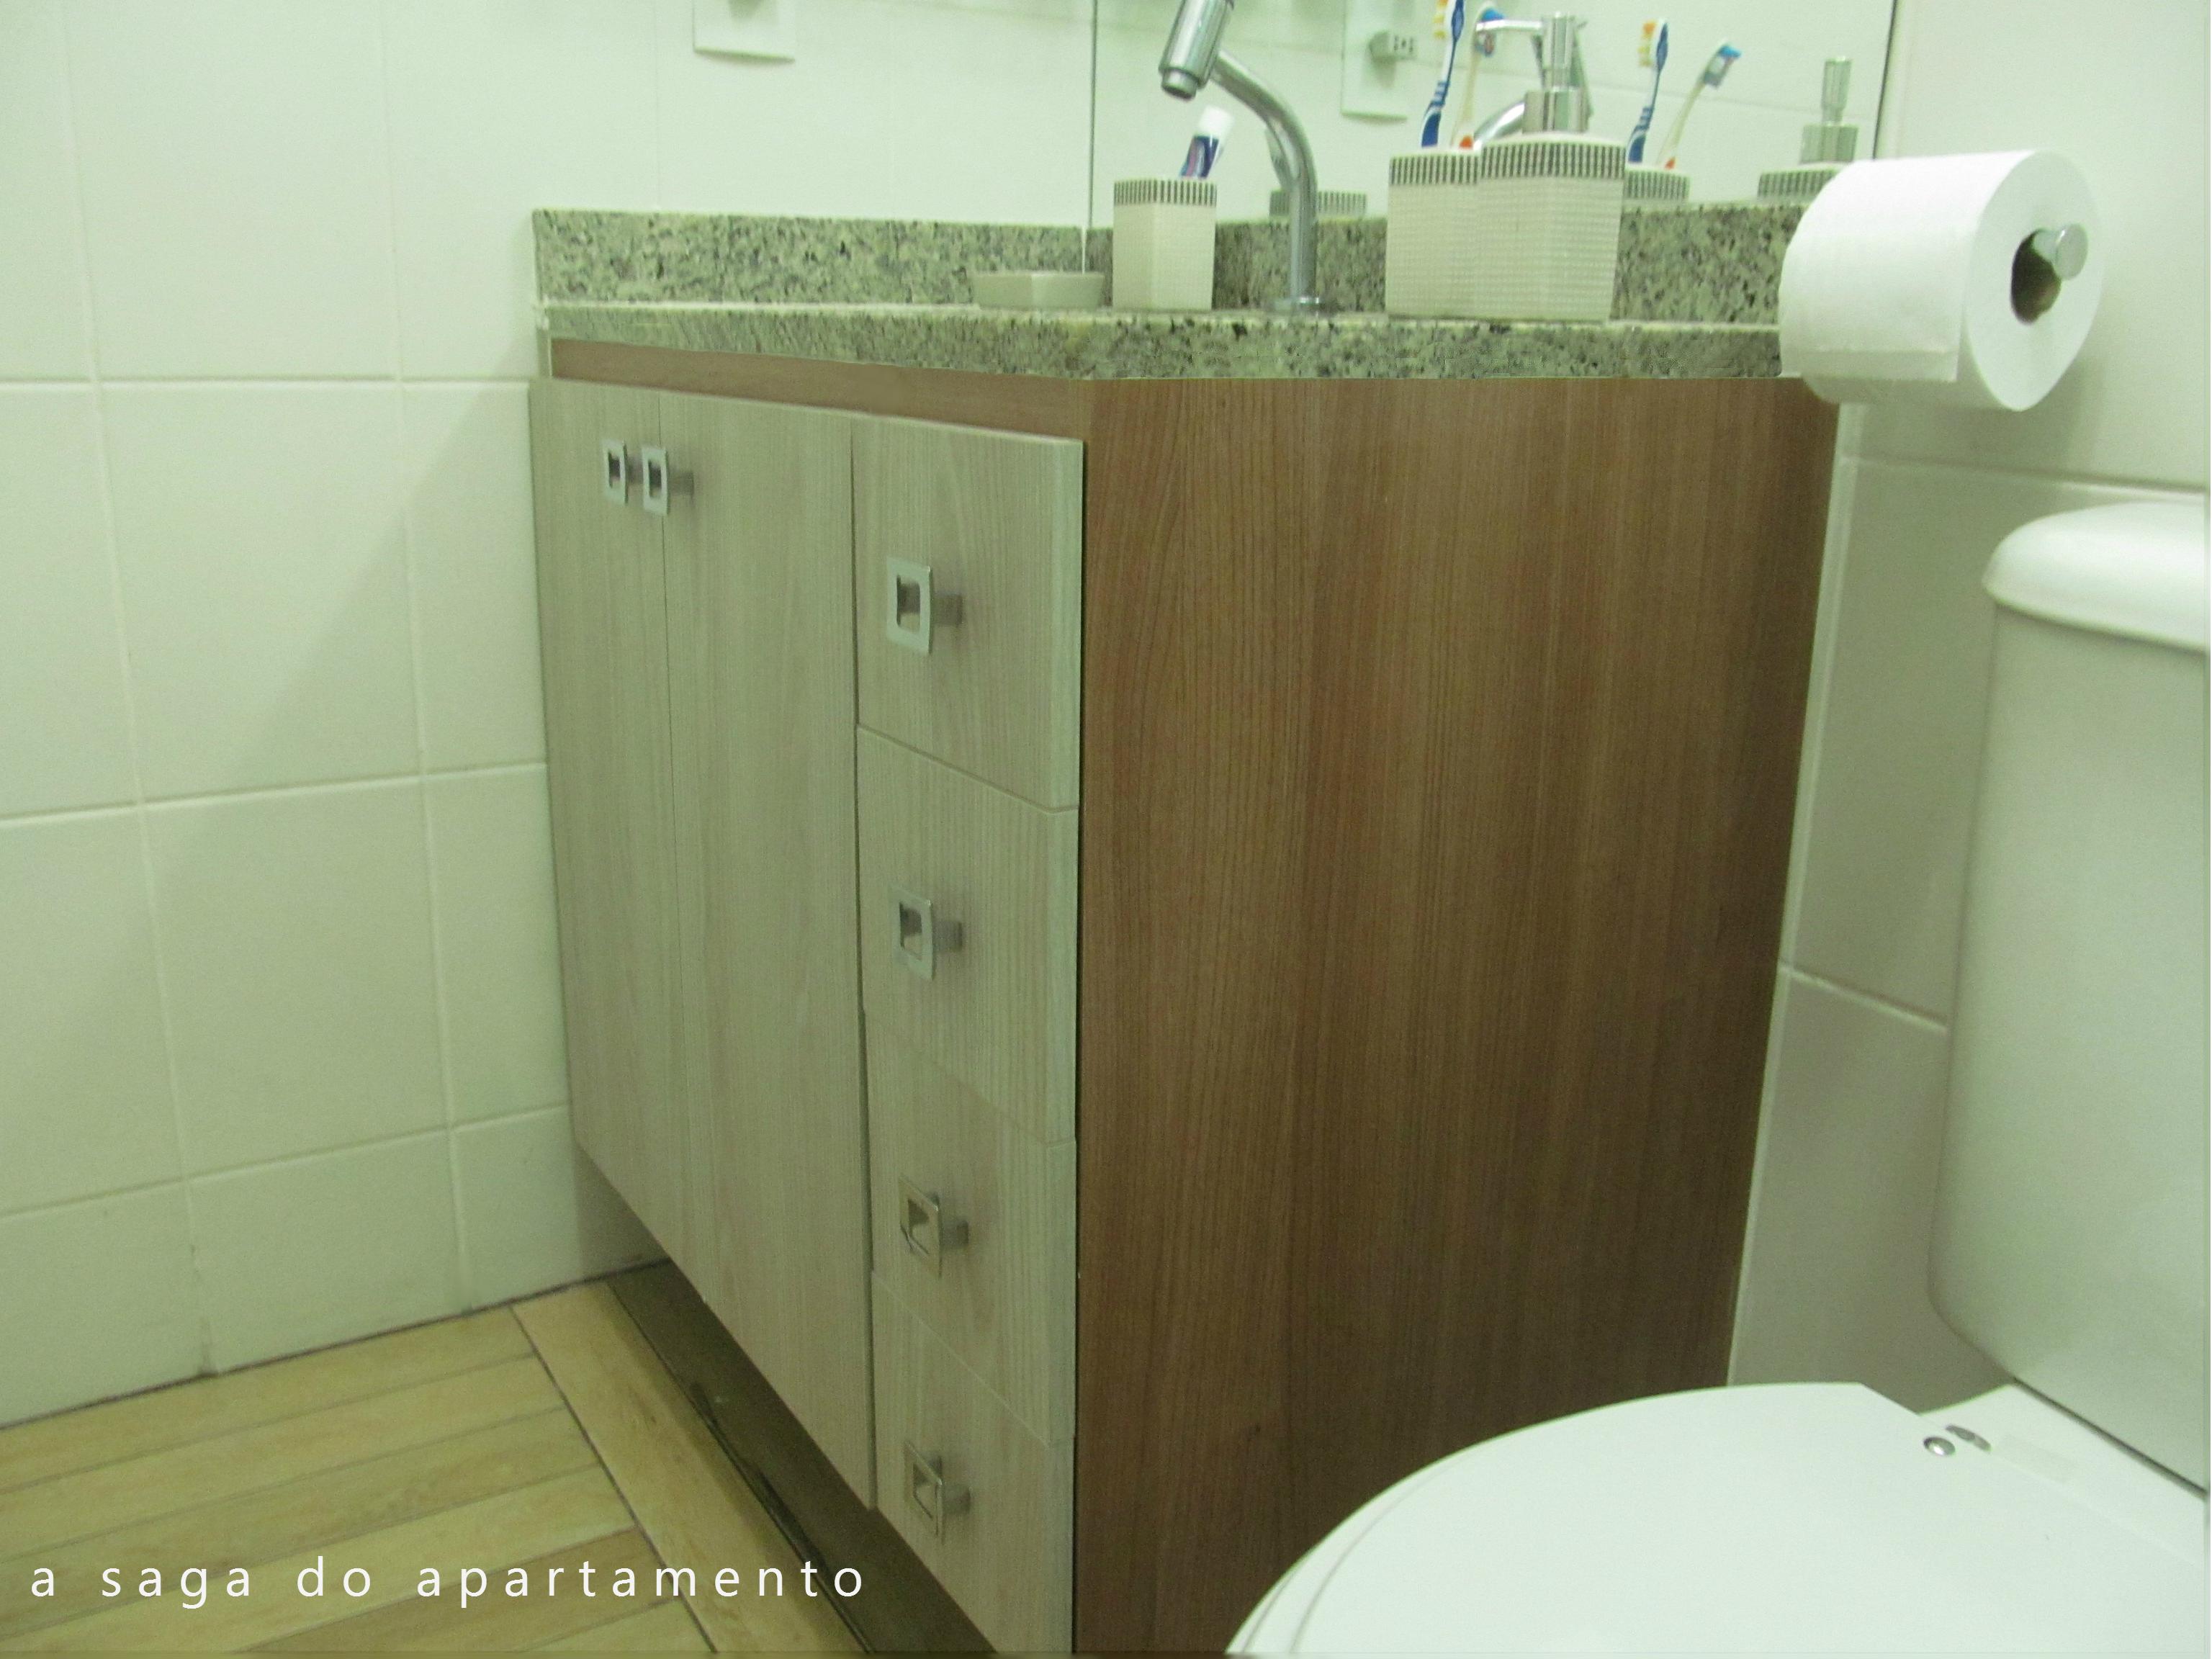 gabinete planejado banheiro  a saga do apartamento -> Gabinete De Banheiro Joli